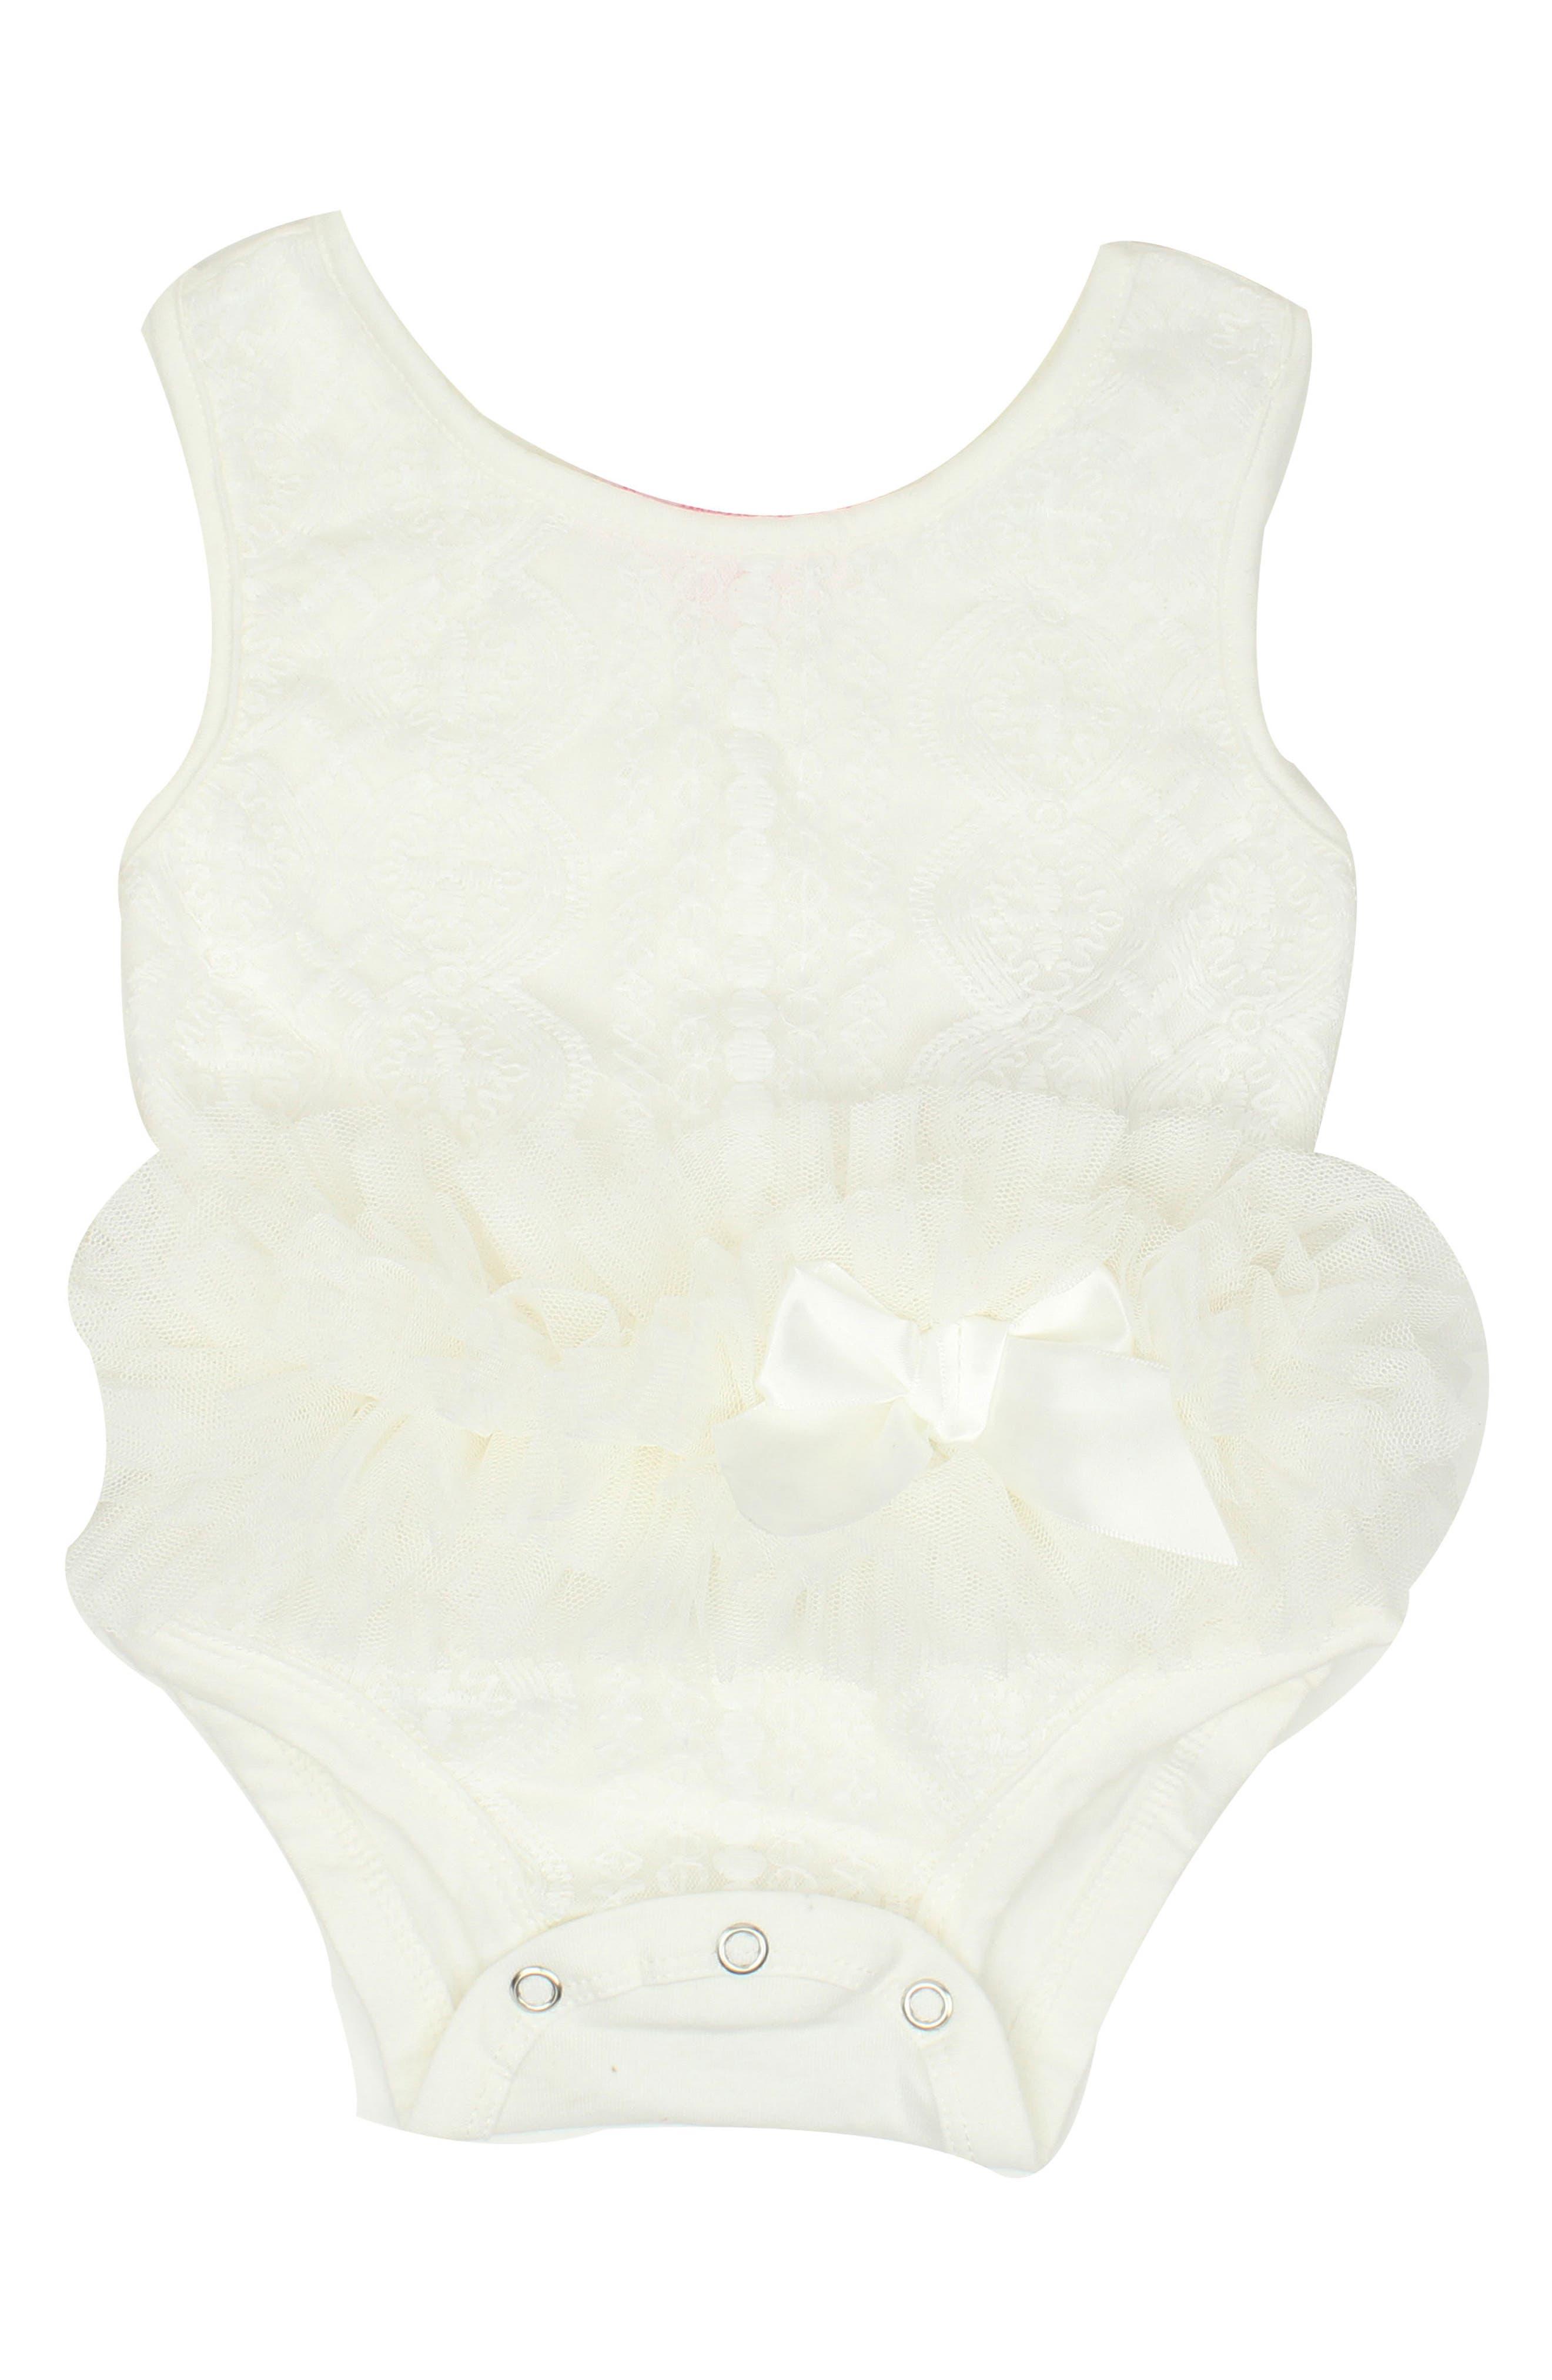 Tutu Bodysuit,                             Main thumbnail 1, color,                             White